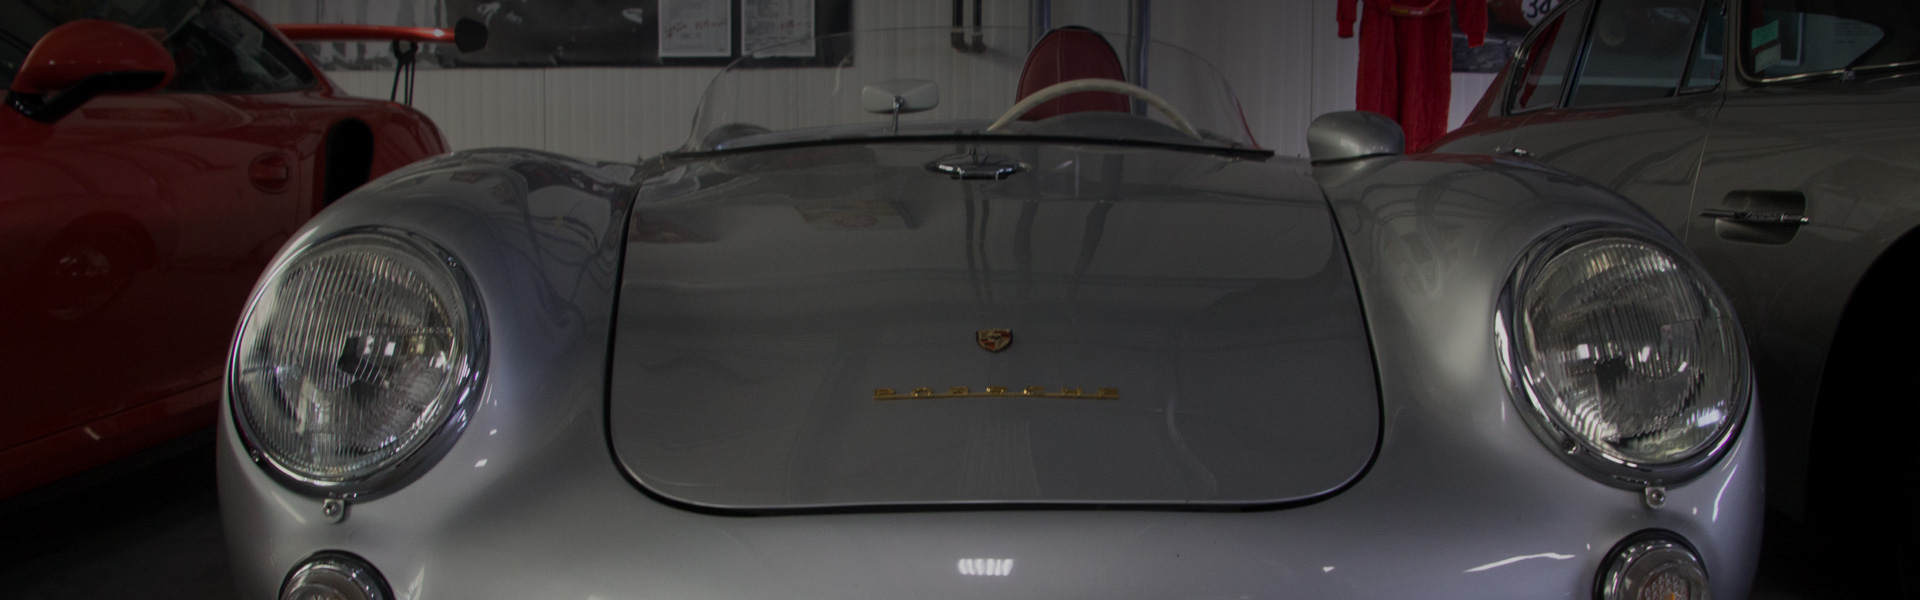 1956 Porsche 550 Spyder front view